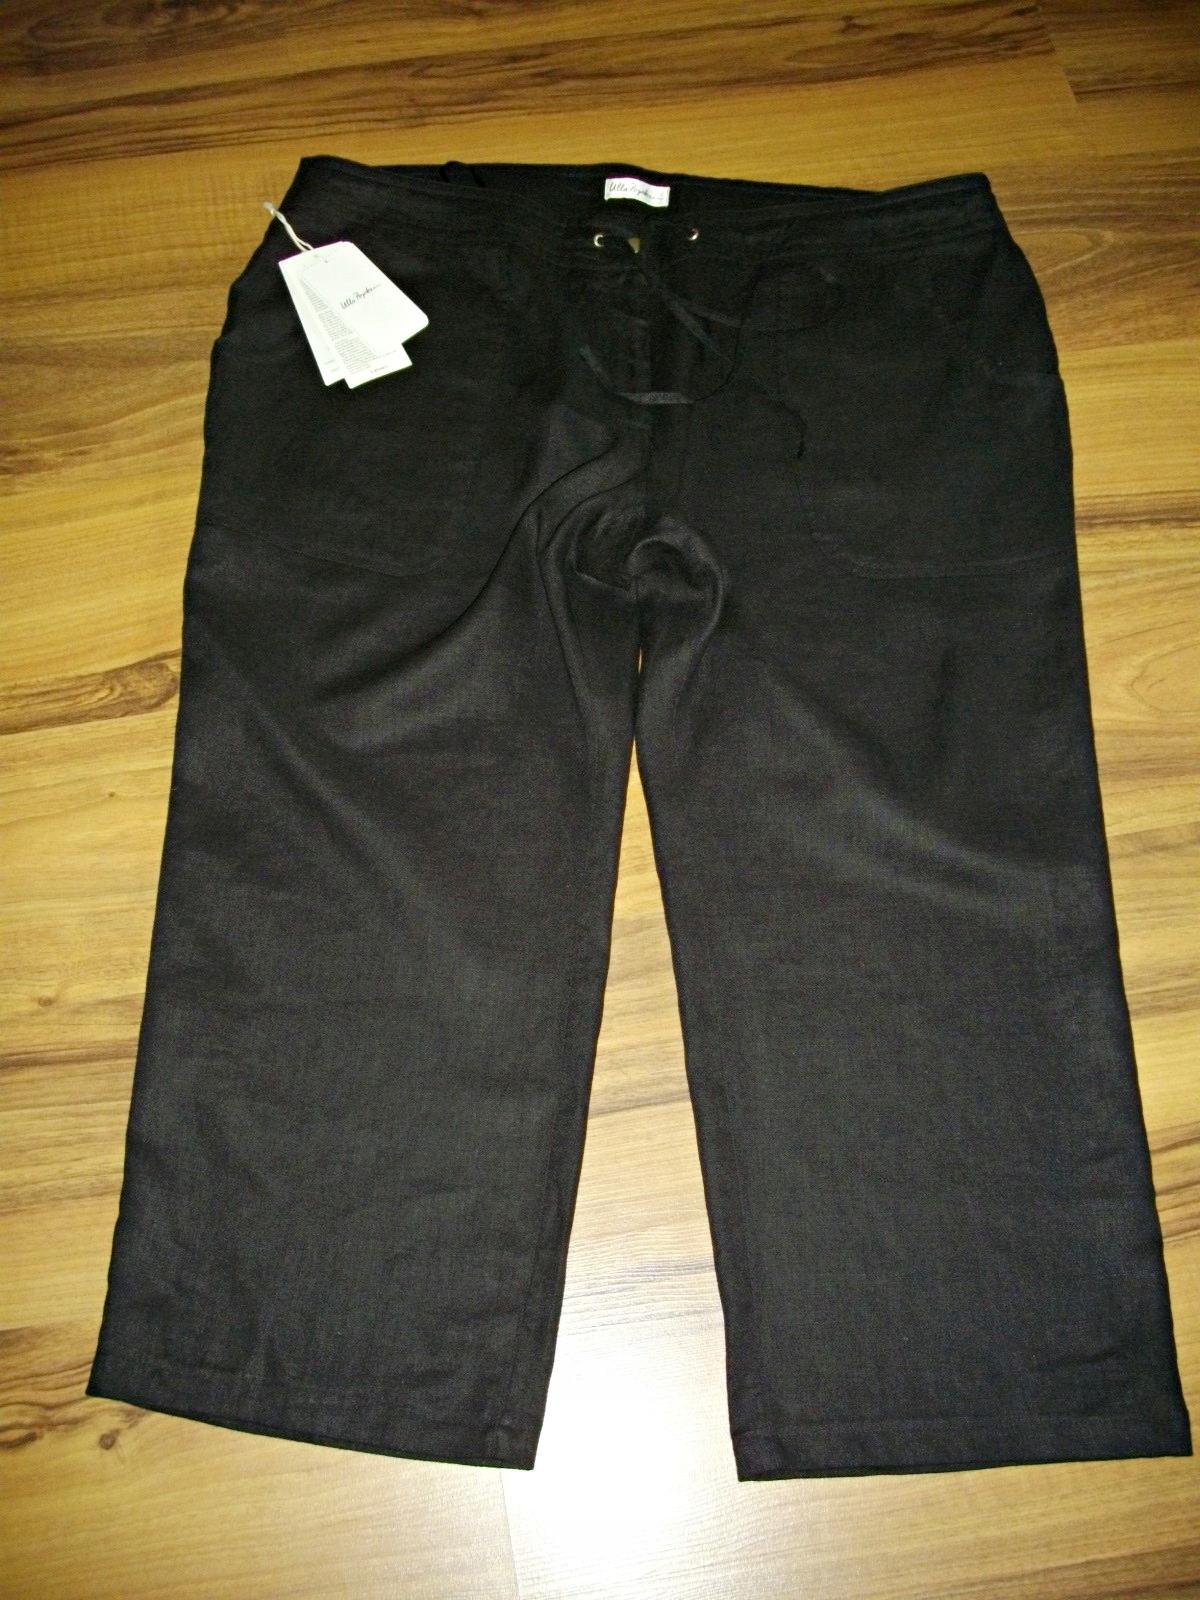 ULLA POPKEN size plus spodnie 7/8 len NOWE 52 54